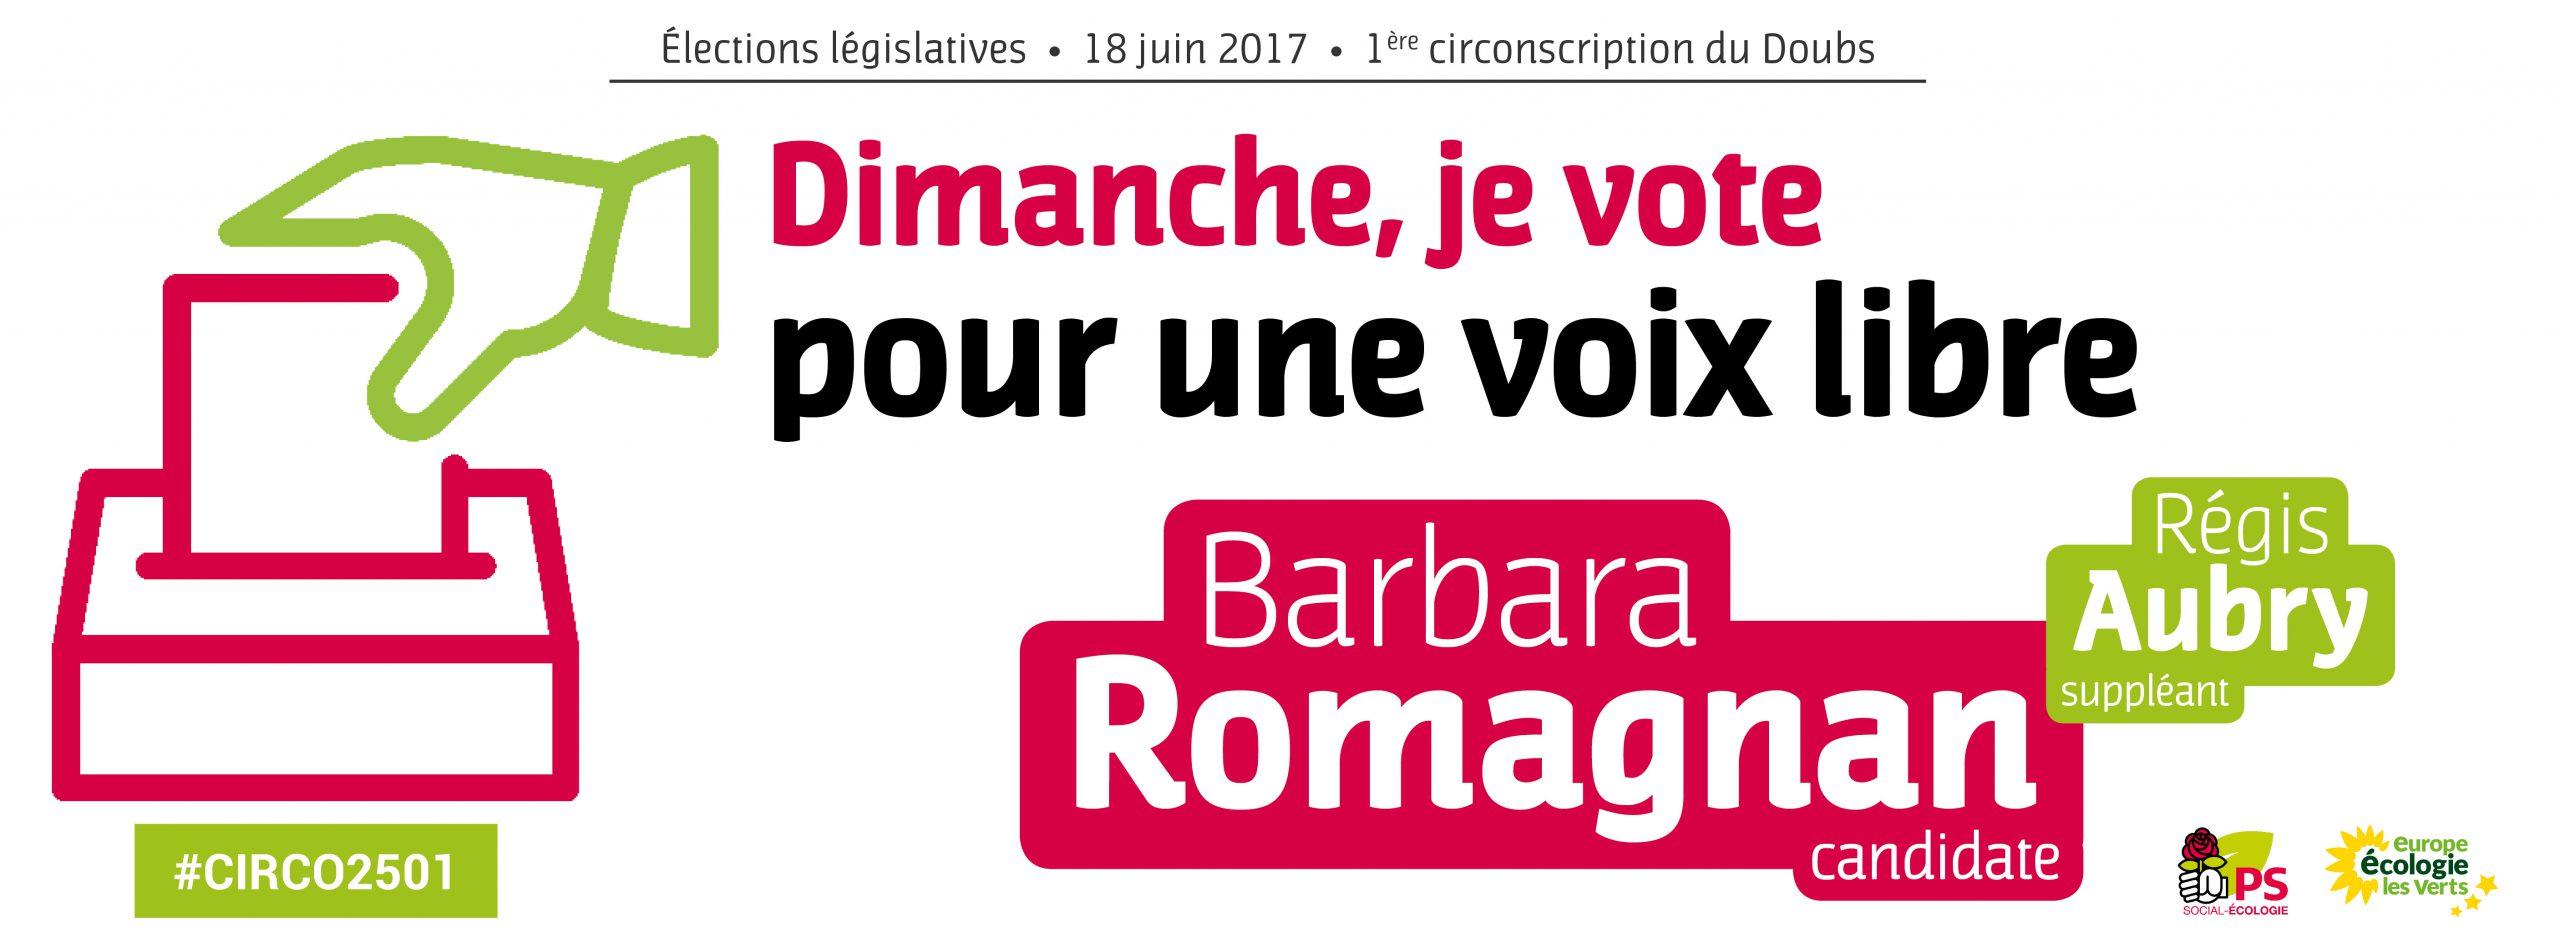 cover_facebook_vote2t